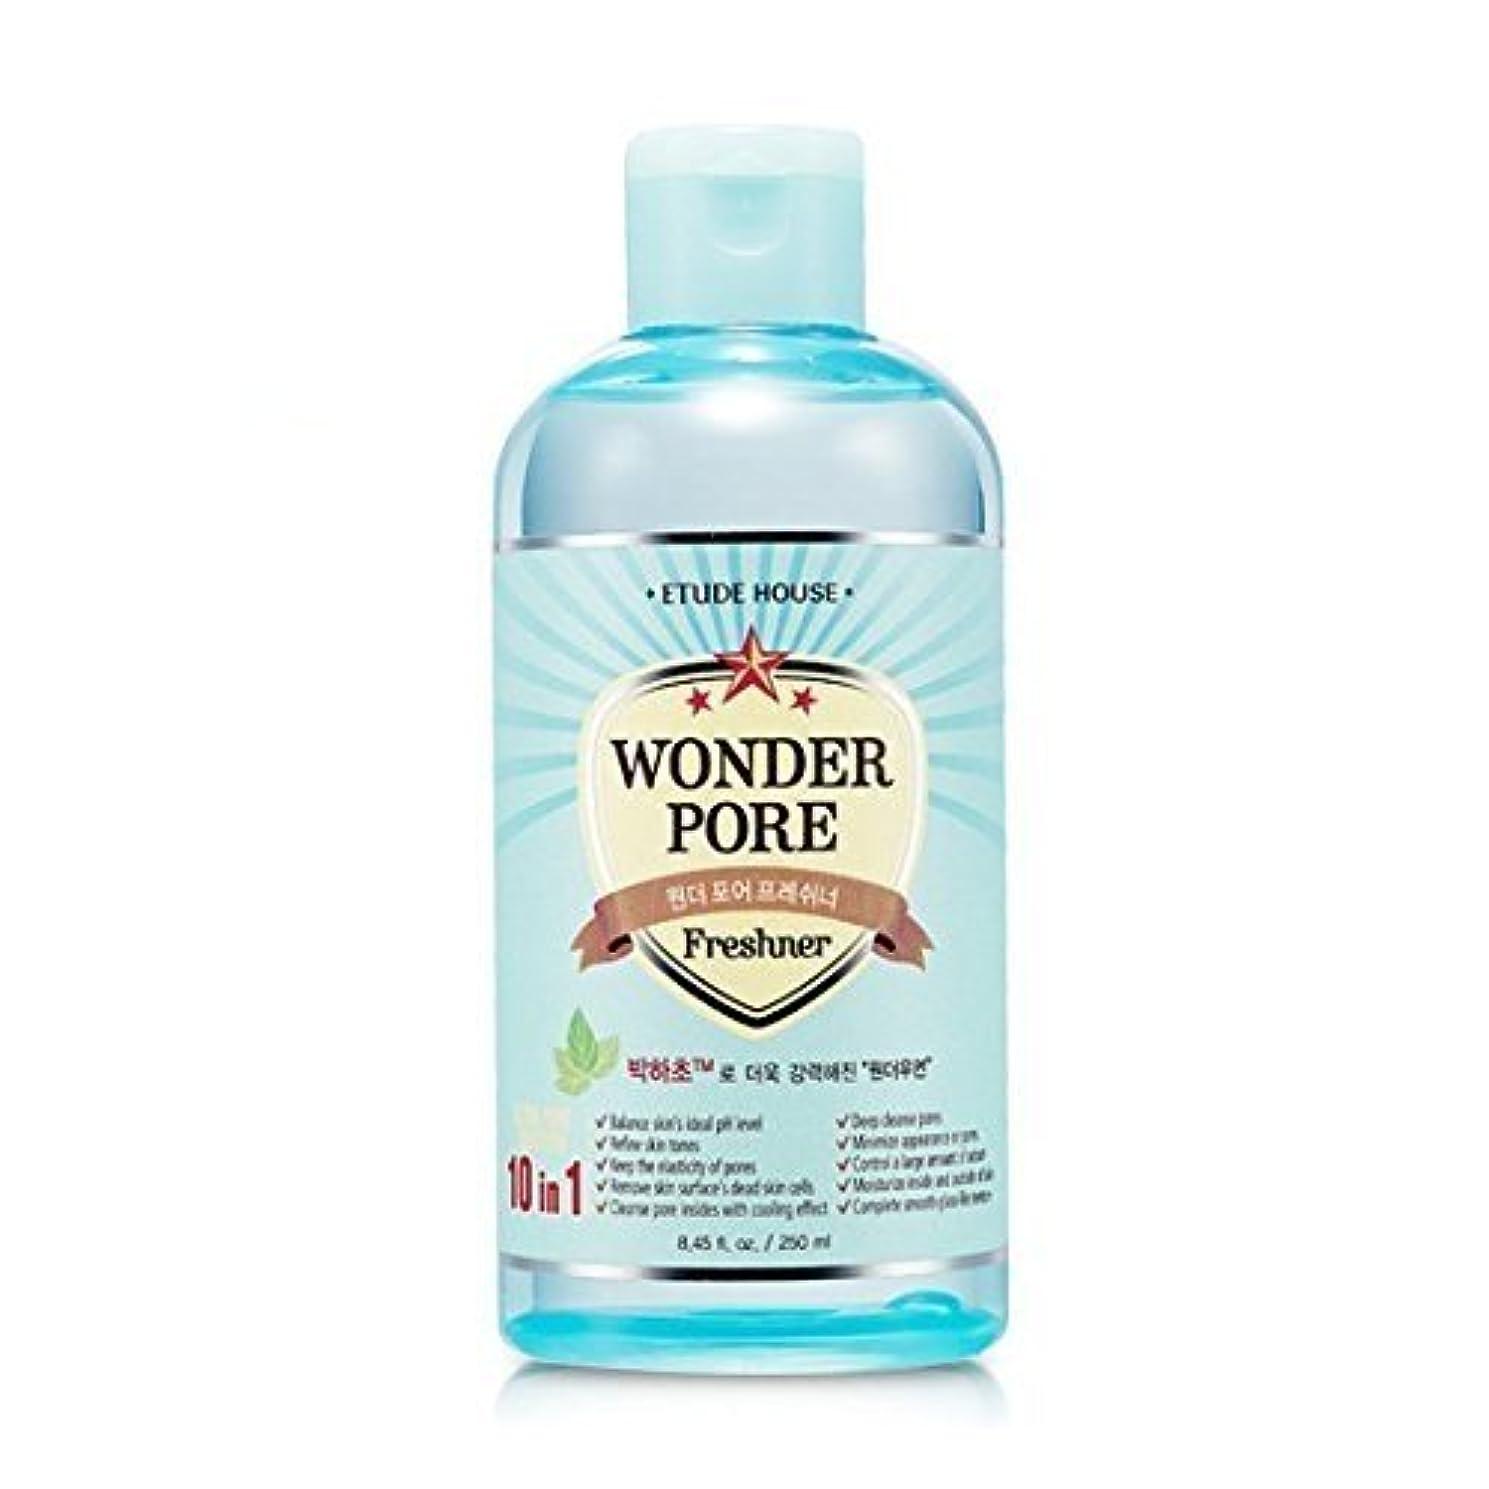 大理石韓国語心配エチュードハウス ワンダー?ポア?フレッシュナー 化粧水 (500ml) / ETUDE HOUSE Wonder Pore Freshner [並行輸入品]